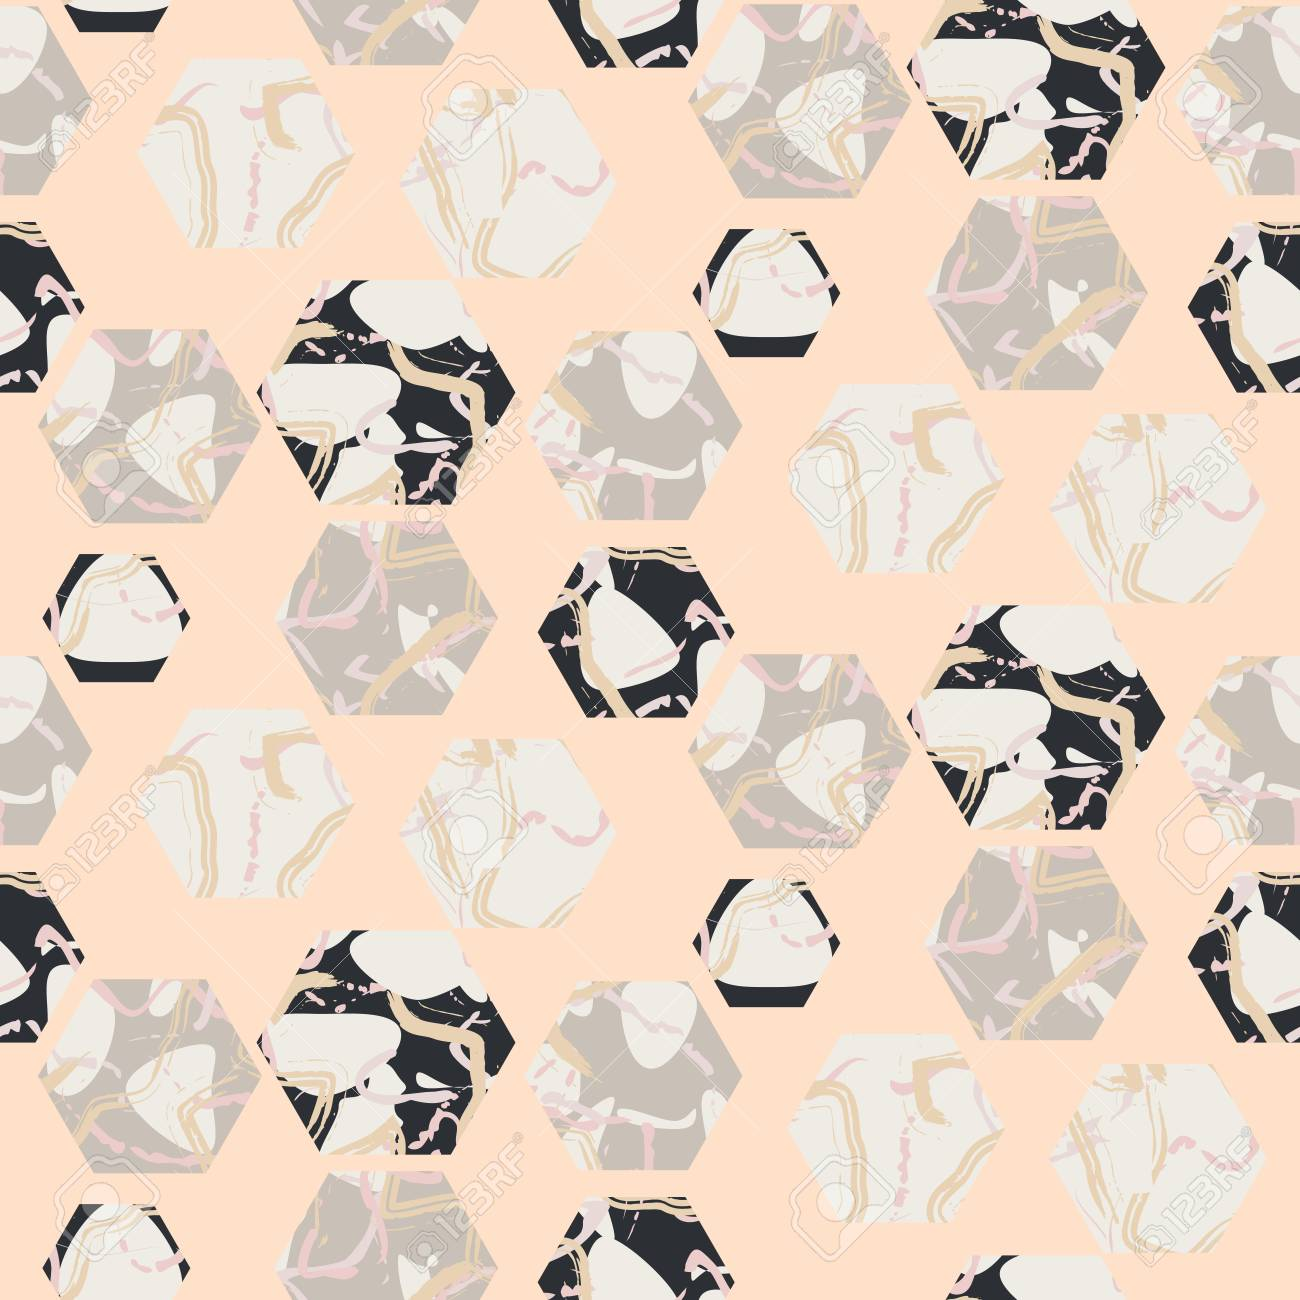 Pierre Hexagones De Marbre Sans Soudure Texture Vecteur Rose Pale